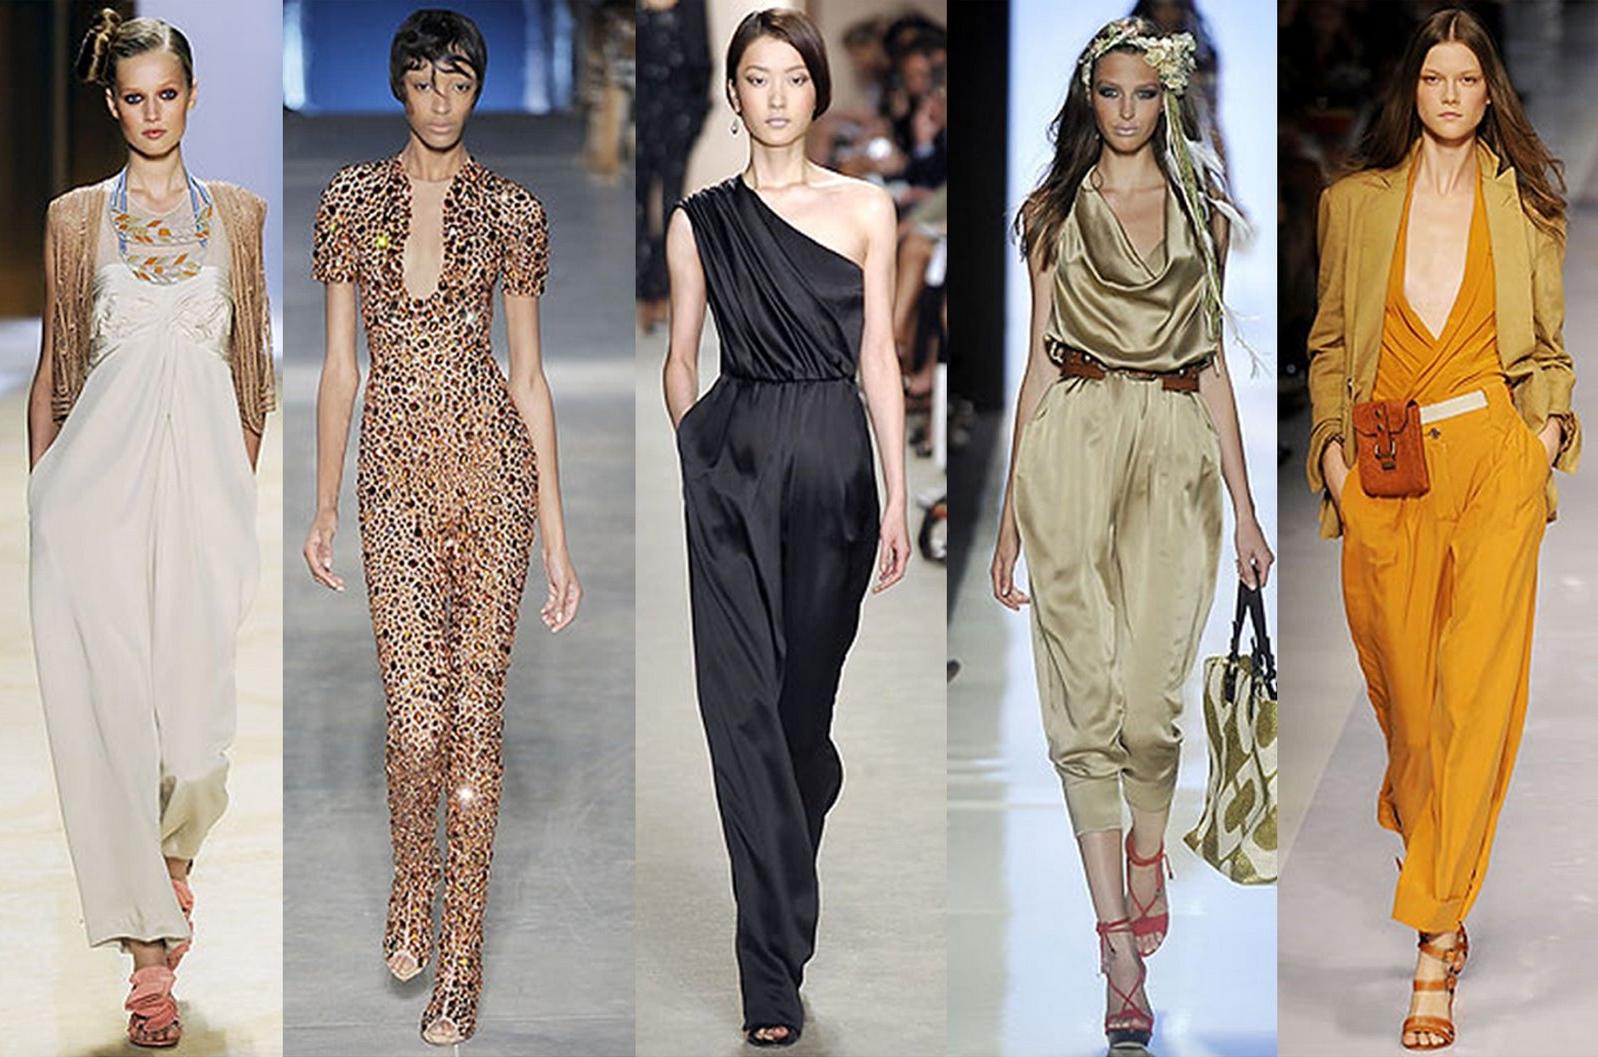 fashion clothing fashion1_1 XZOOBHG